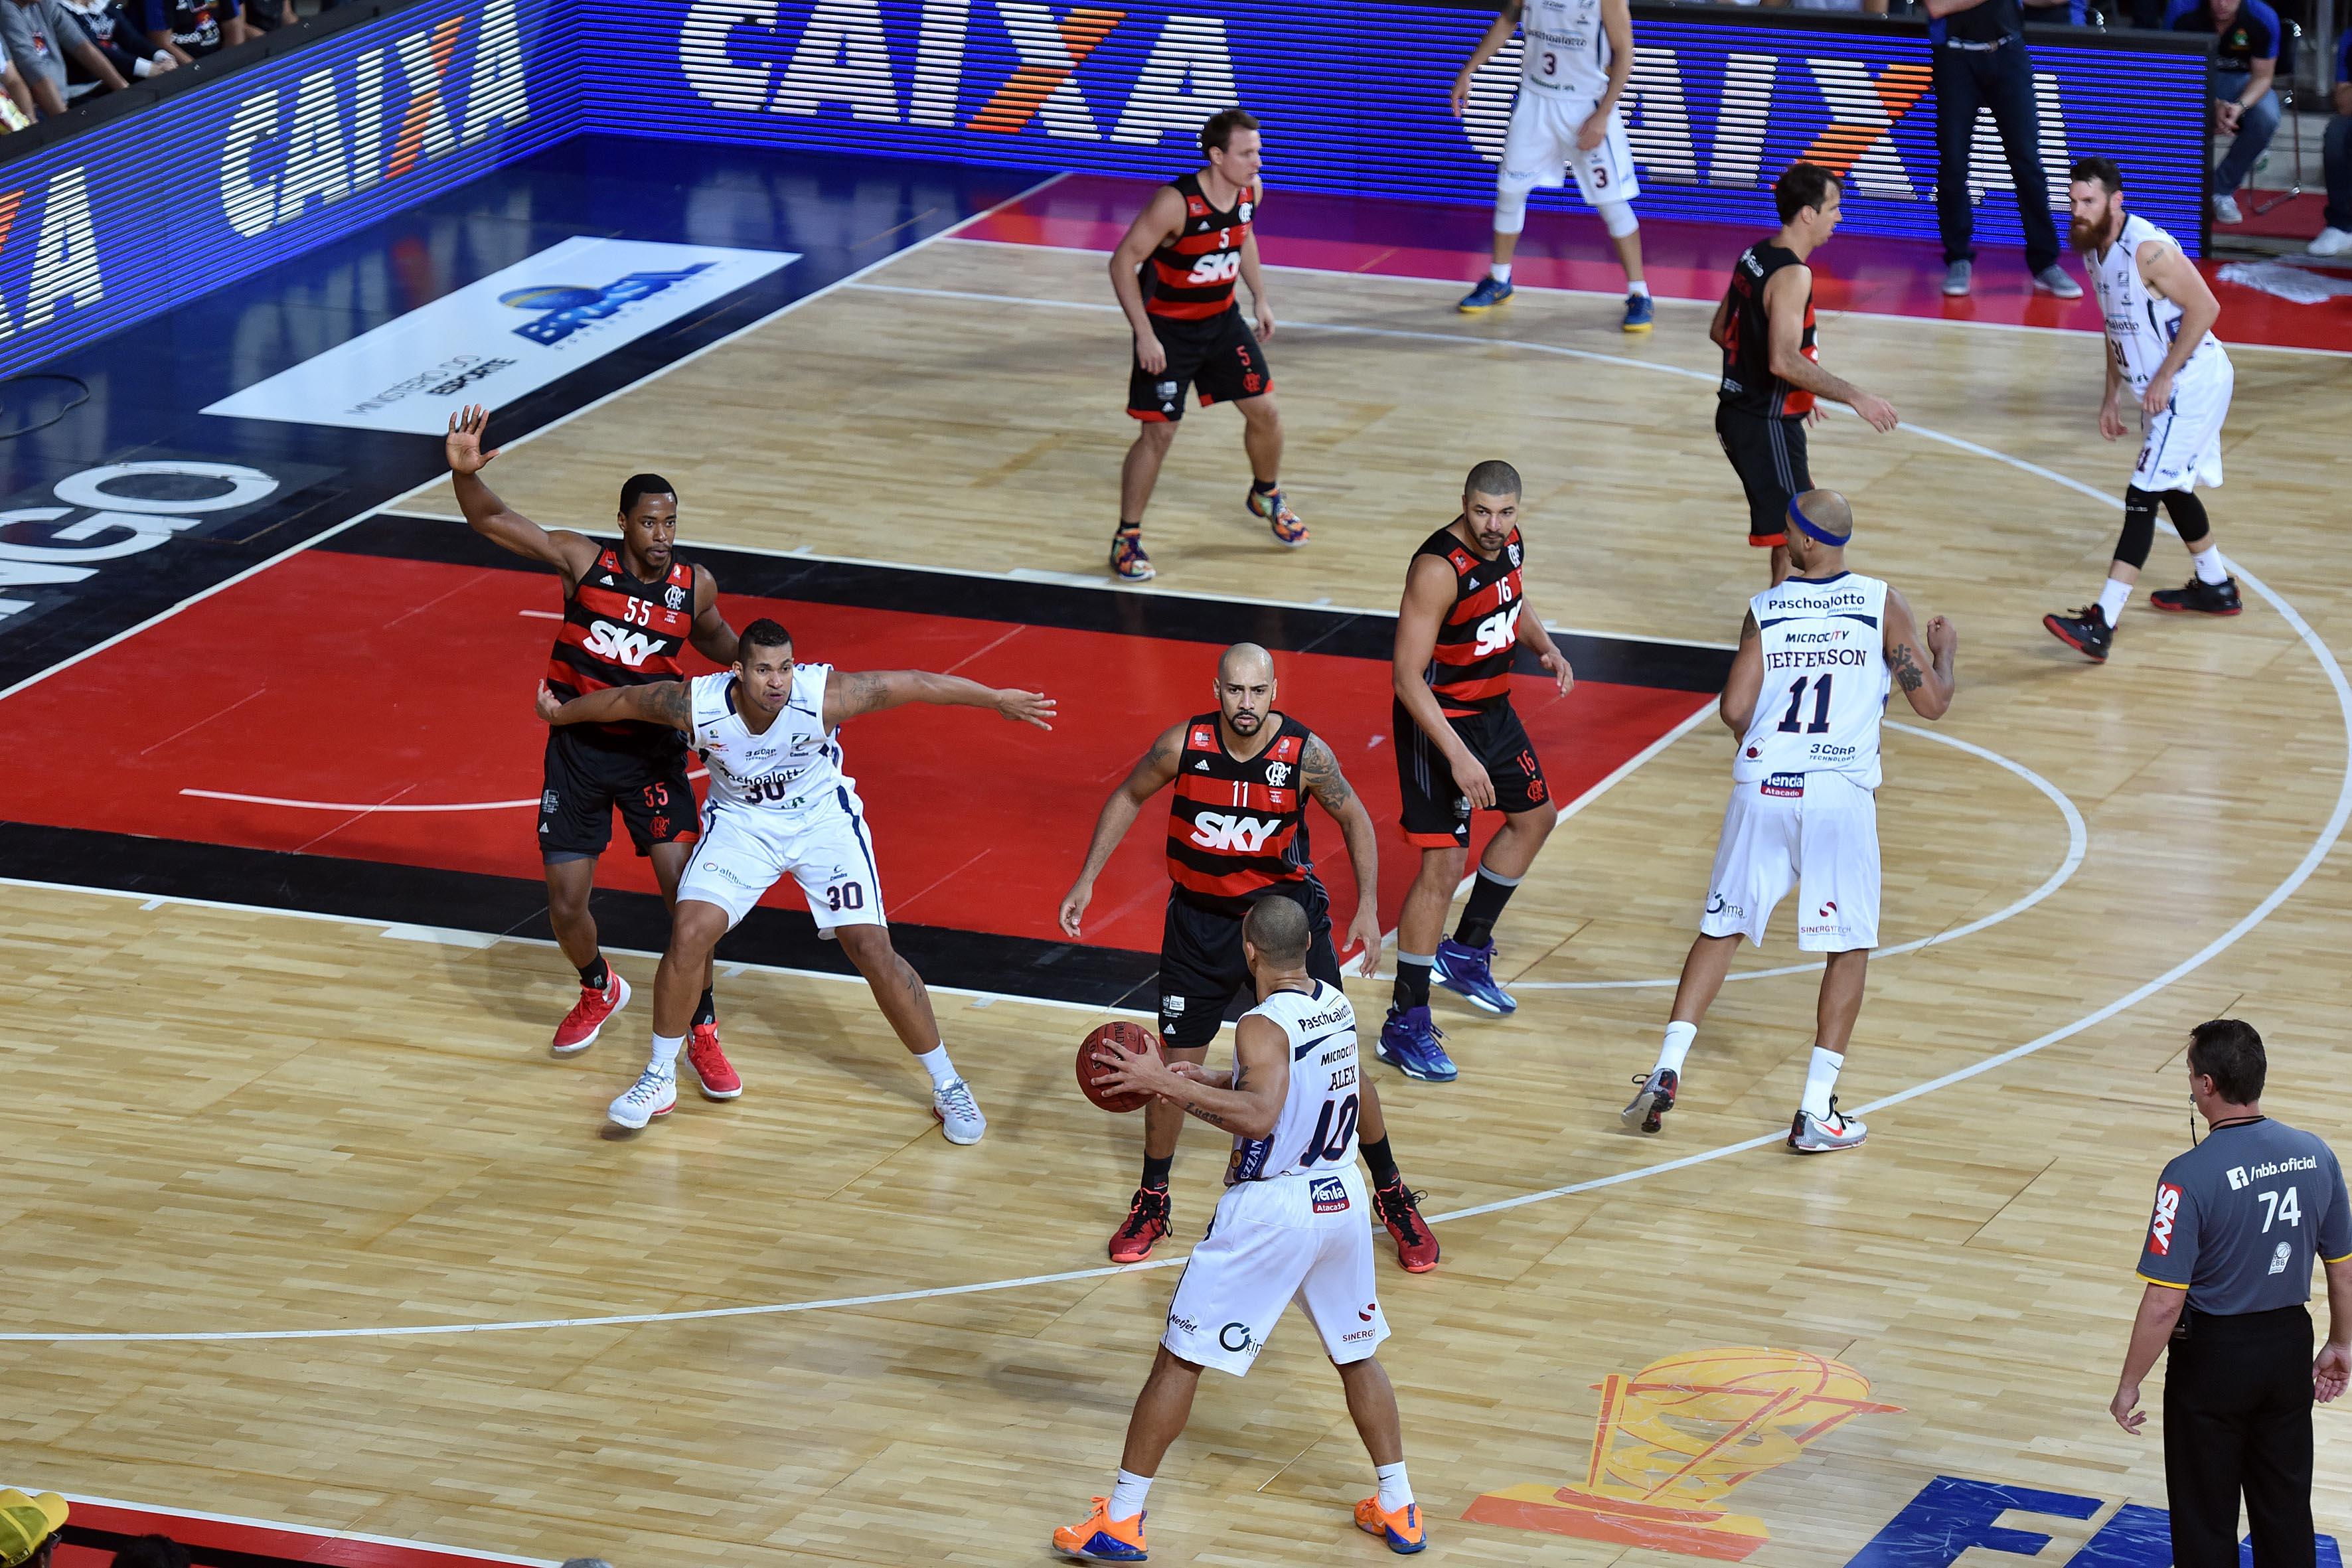 Reedição da última Final, entre Flamengo e Bauru, dará início à temporada 16/17 (João Pires/LNB)